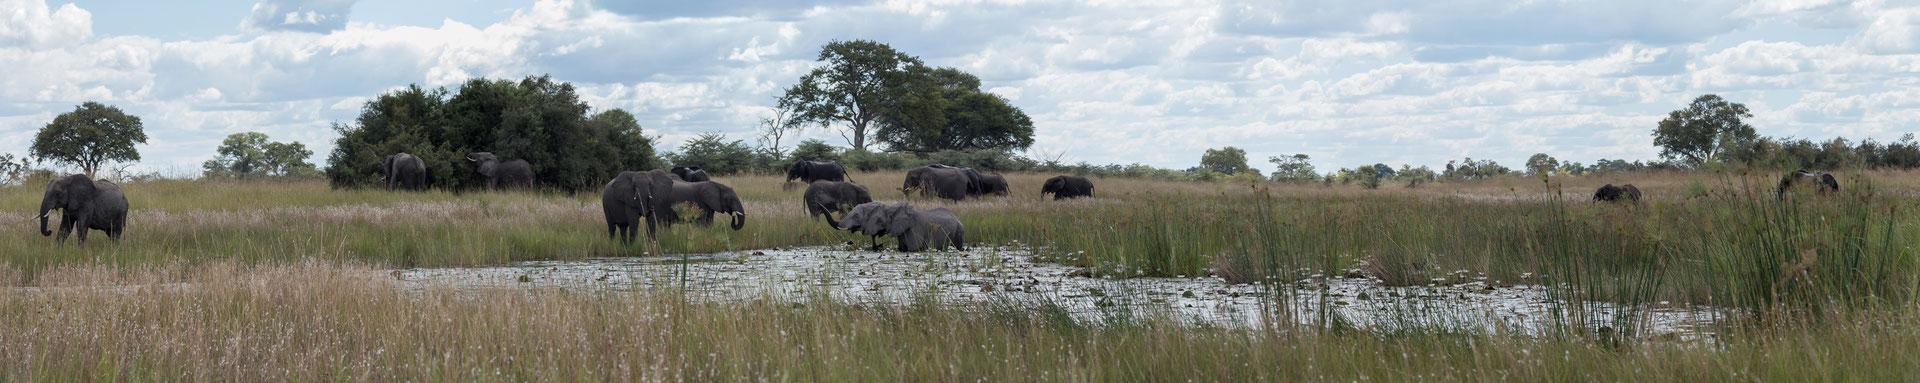 27.4. Mavunje - Bootstour; wir treffen auf Elefanten, ein tolles Erlebnis.